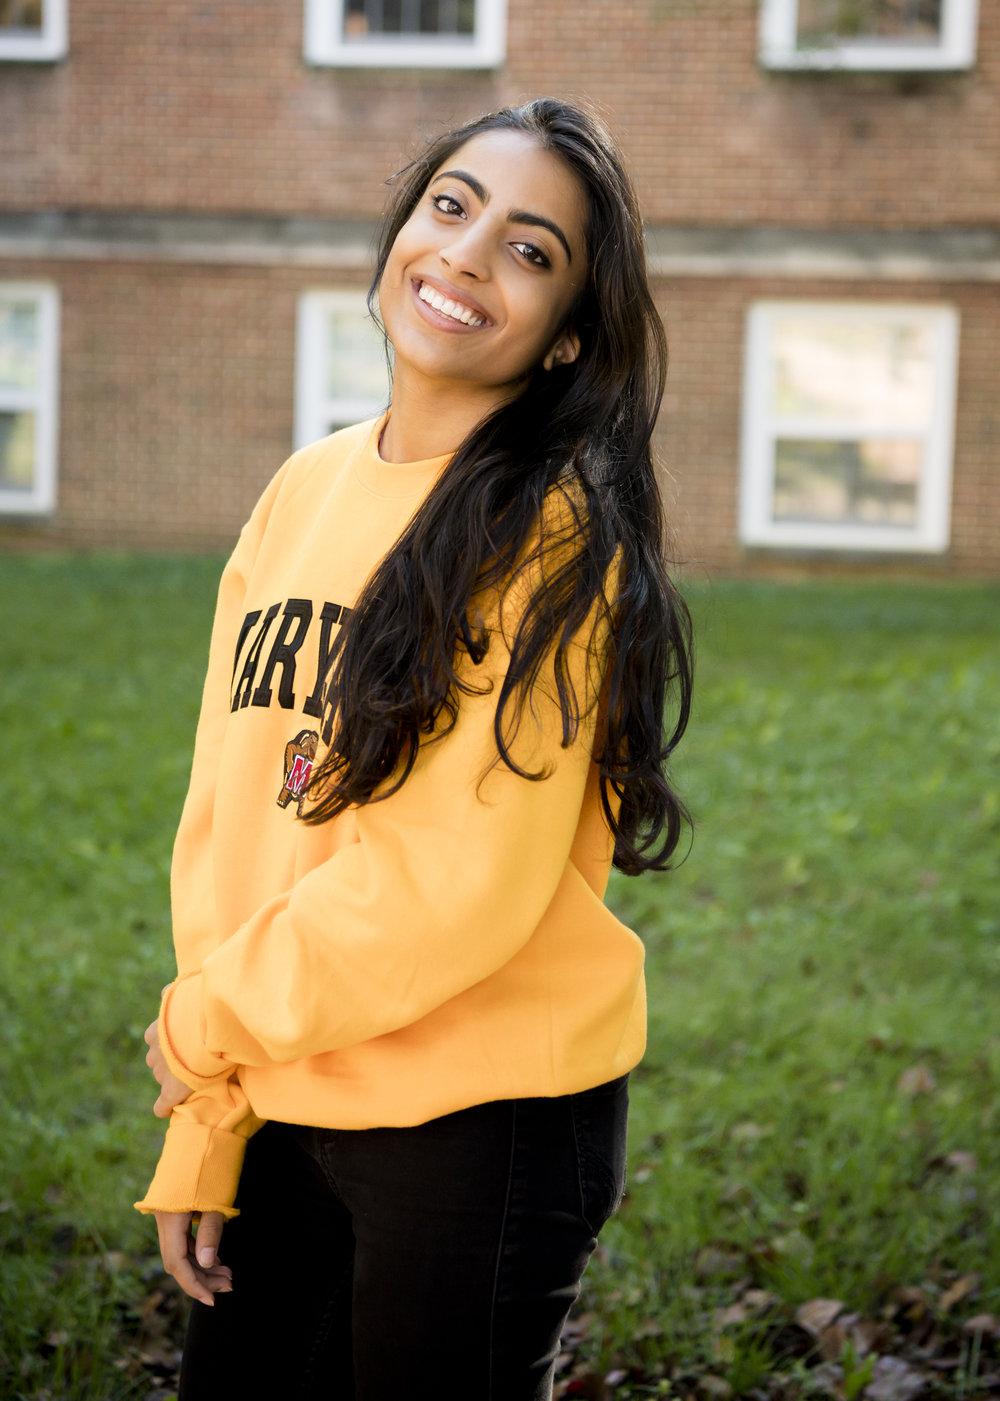 Samhita Chundury - Sophomore, Bioengineering